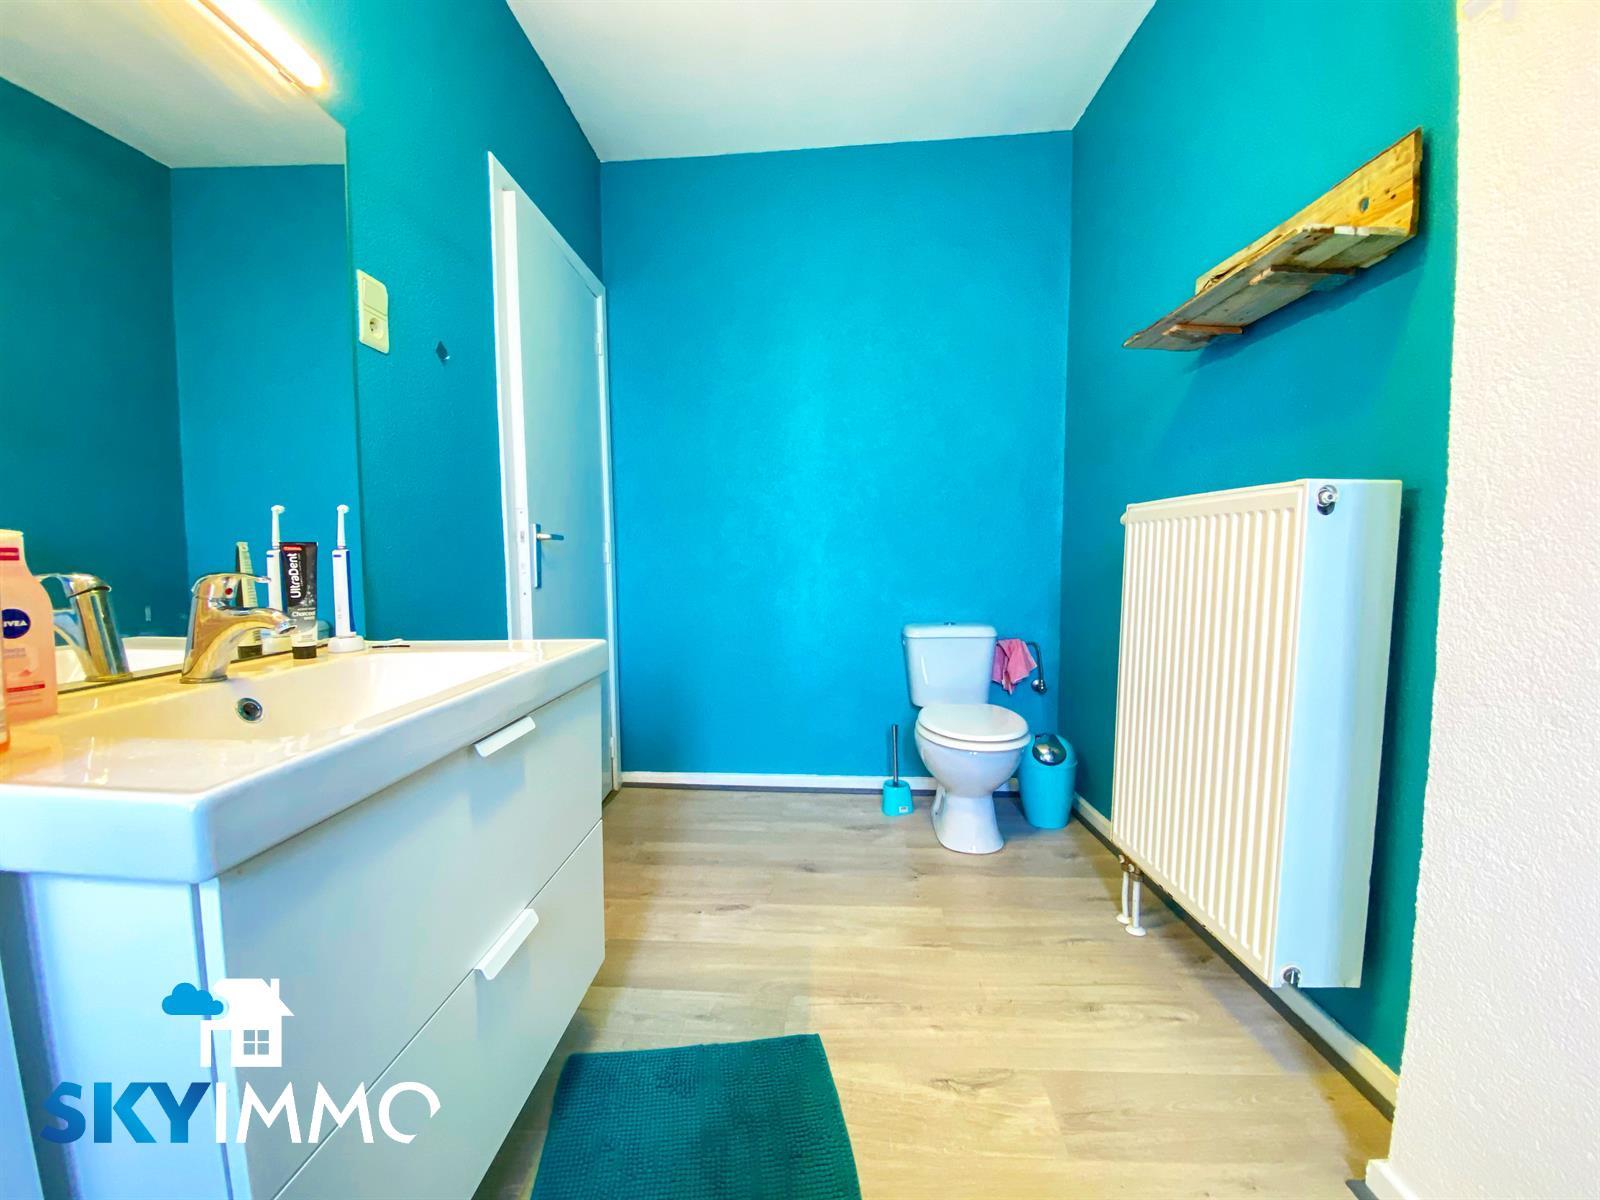 Maison - Seraing - #4325764-17